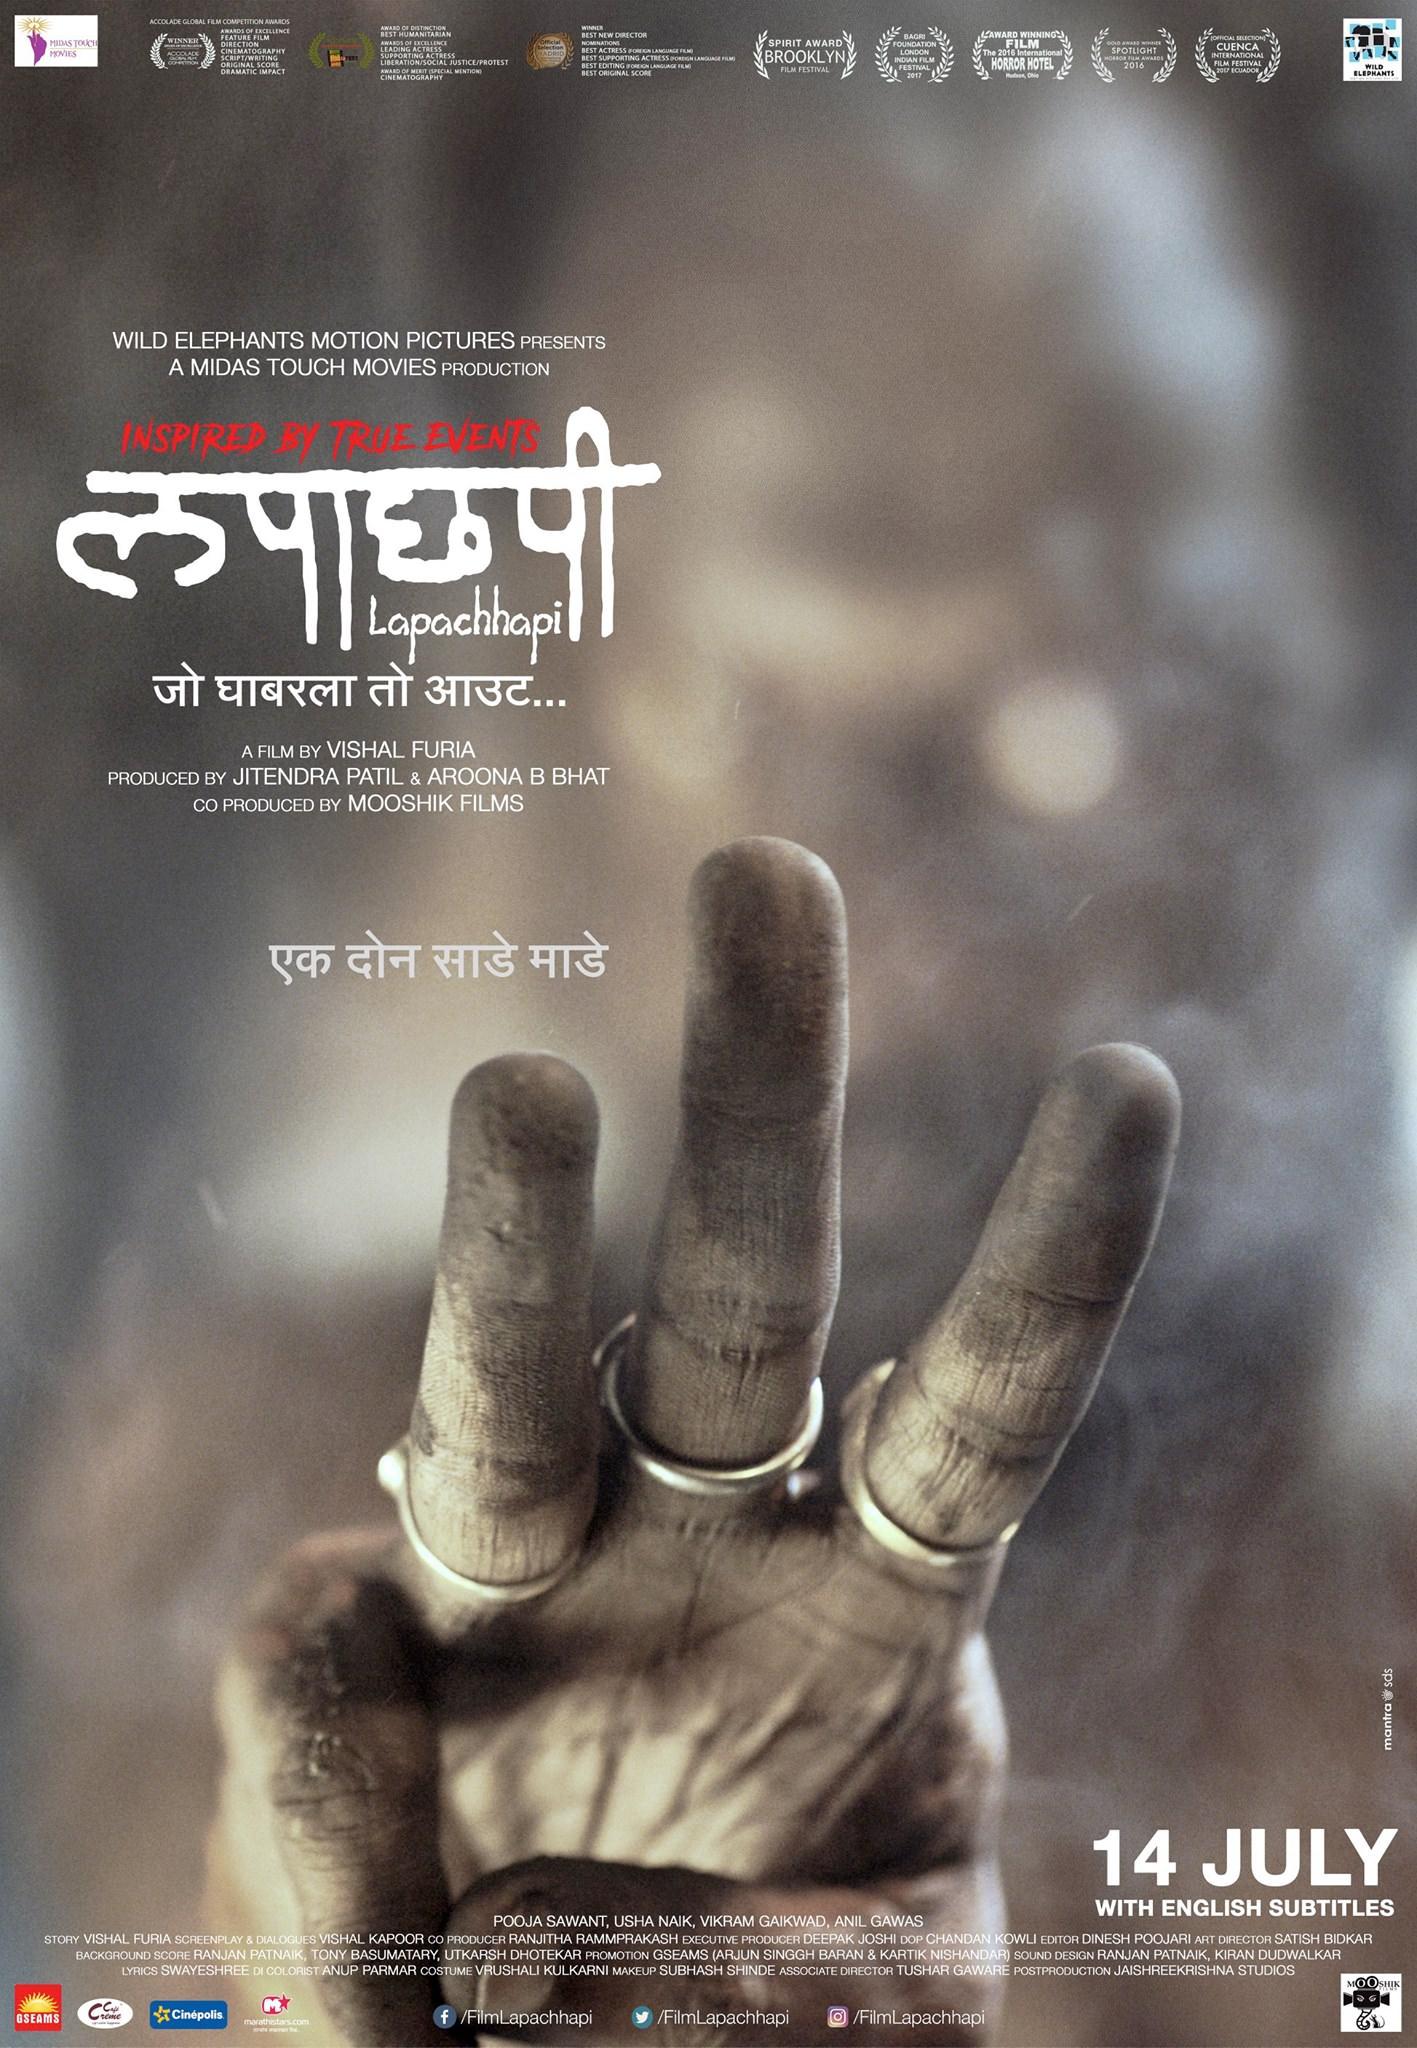 Movie poster teaser